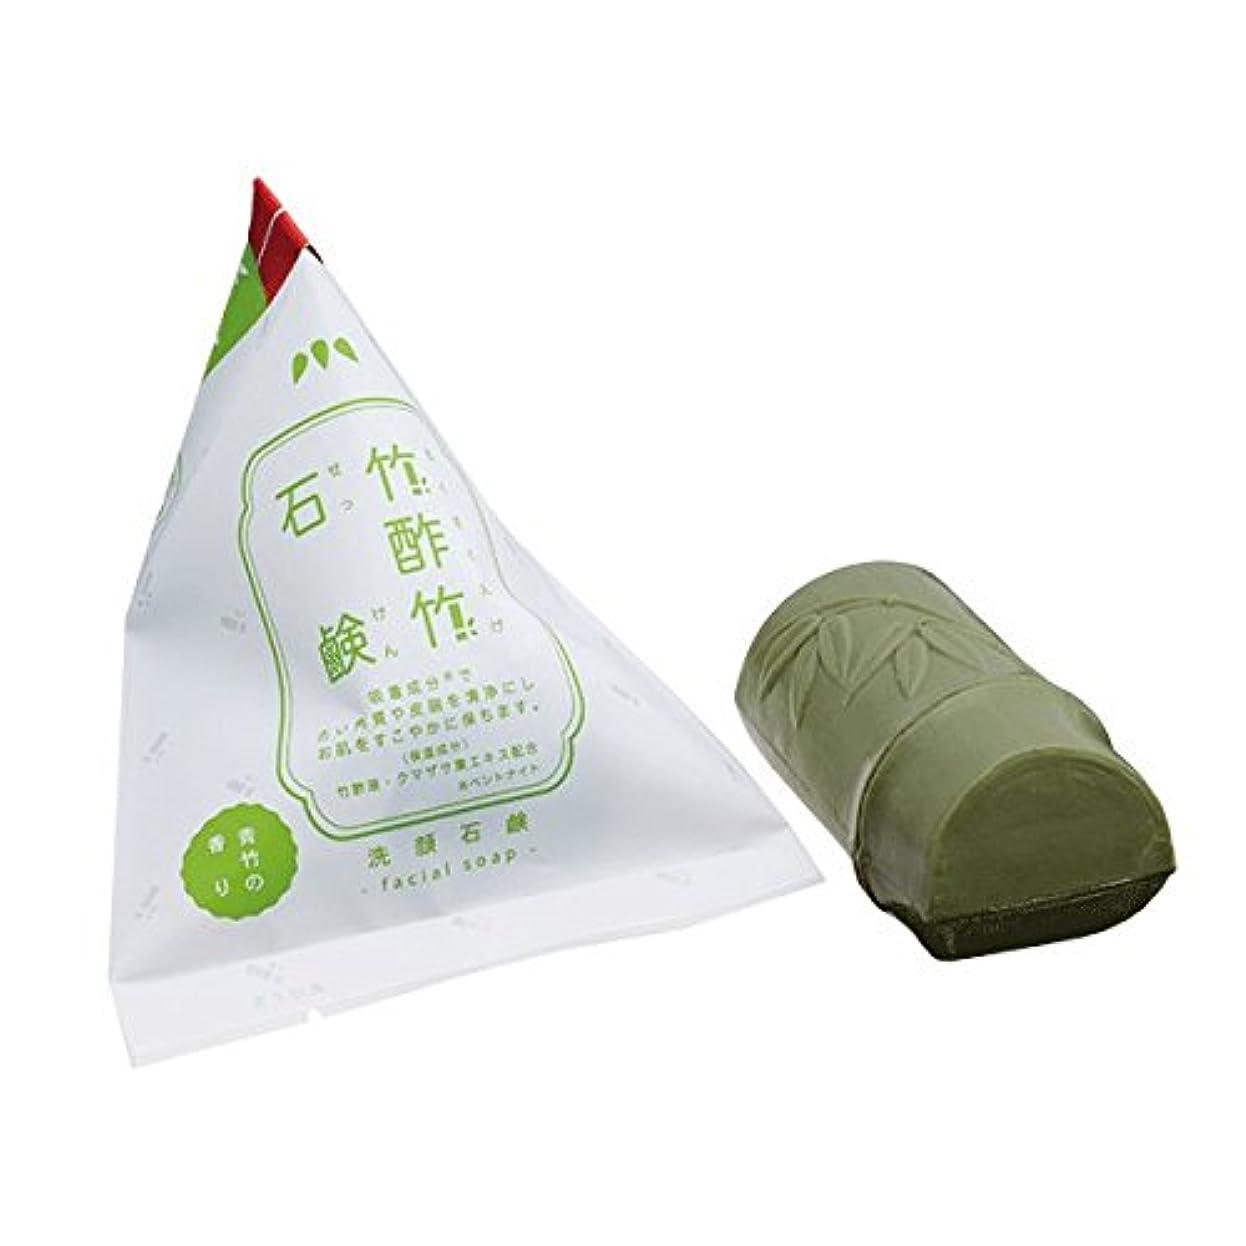 サーカス批判する慎重フェニックス 竹酢竹泥棒石鹸120g(5個セット)